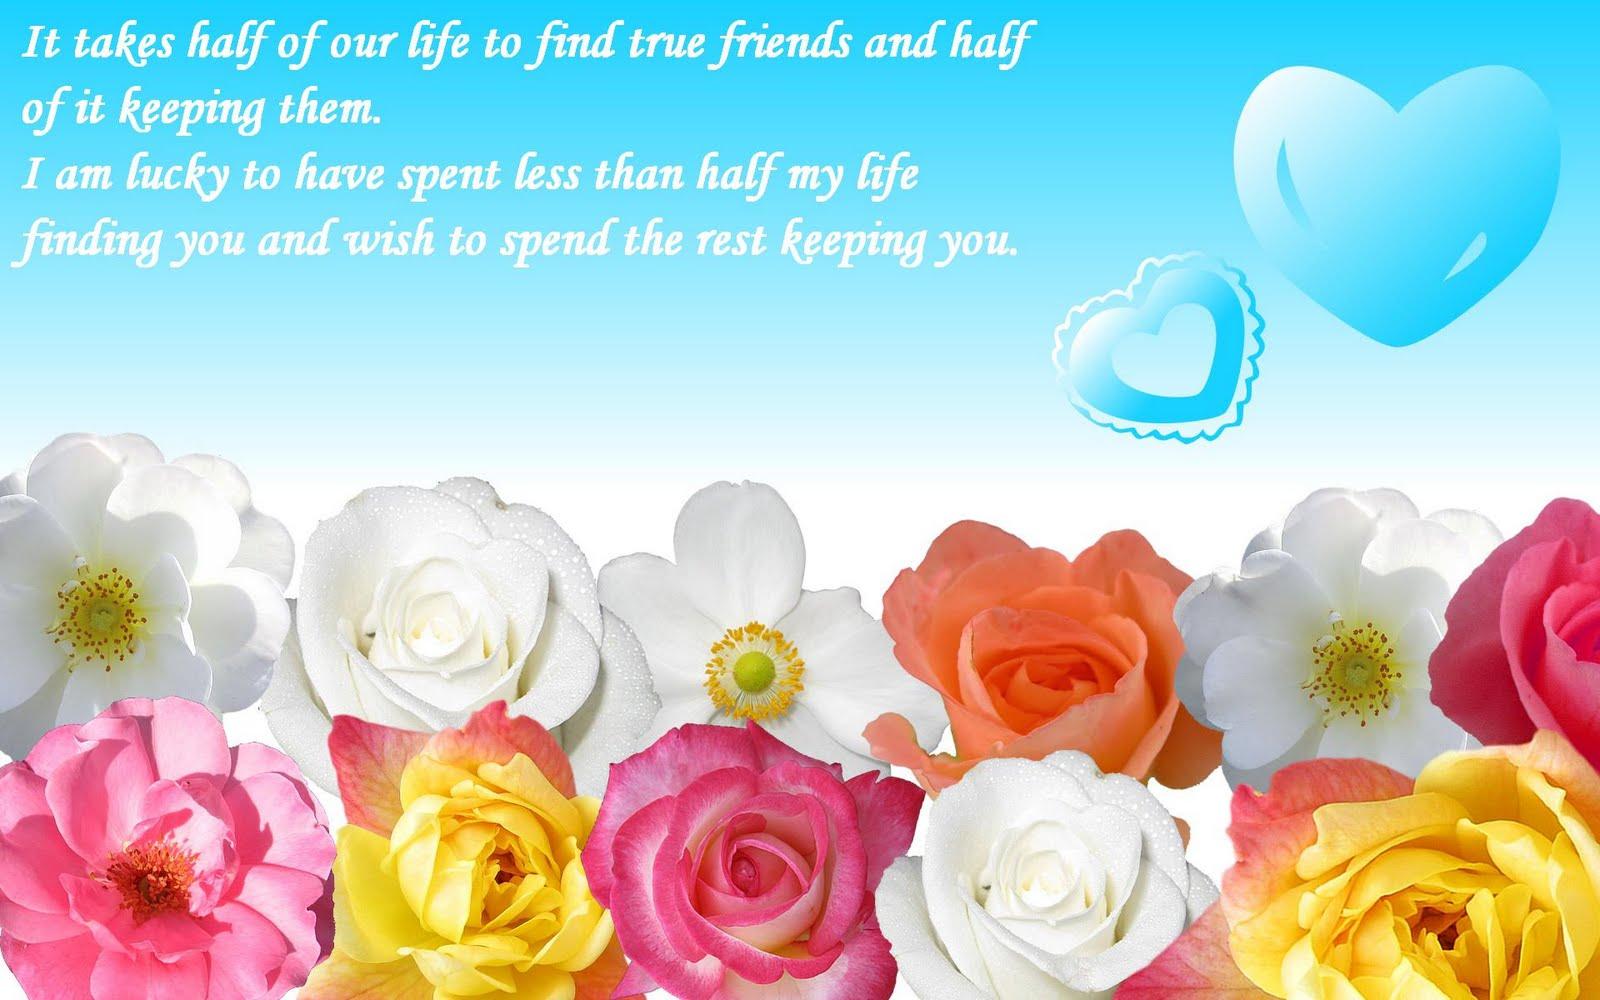 http://1.bp.blogspot.com/_tg42ArcfTzU/TGlOkibjyQI/AAAAAAAABFs/bVzhbUBx8z4/s1600/Love+Flower.jpg